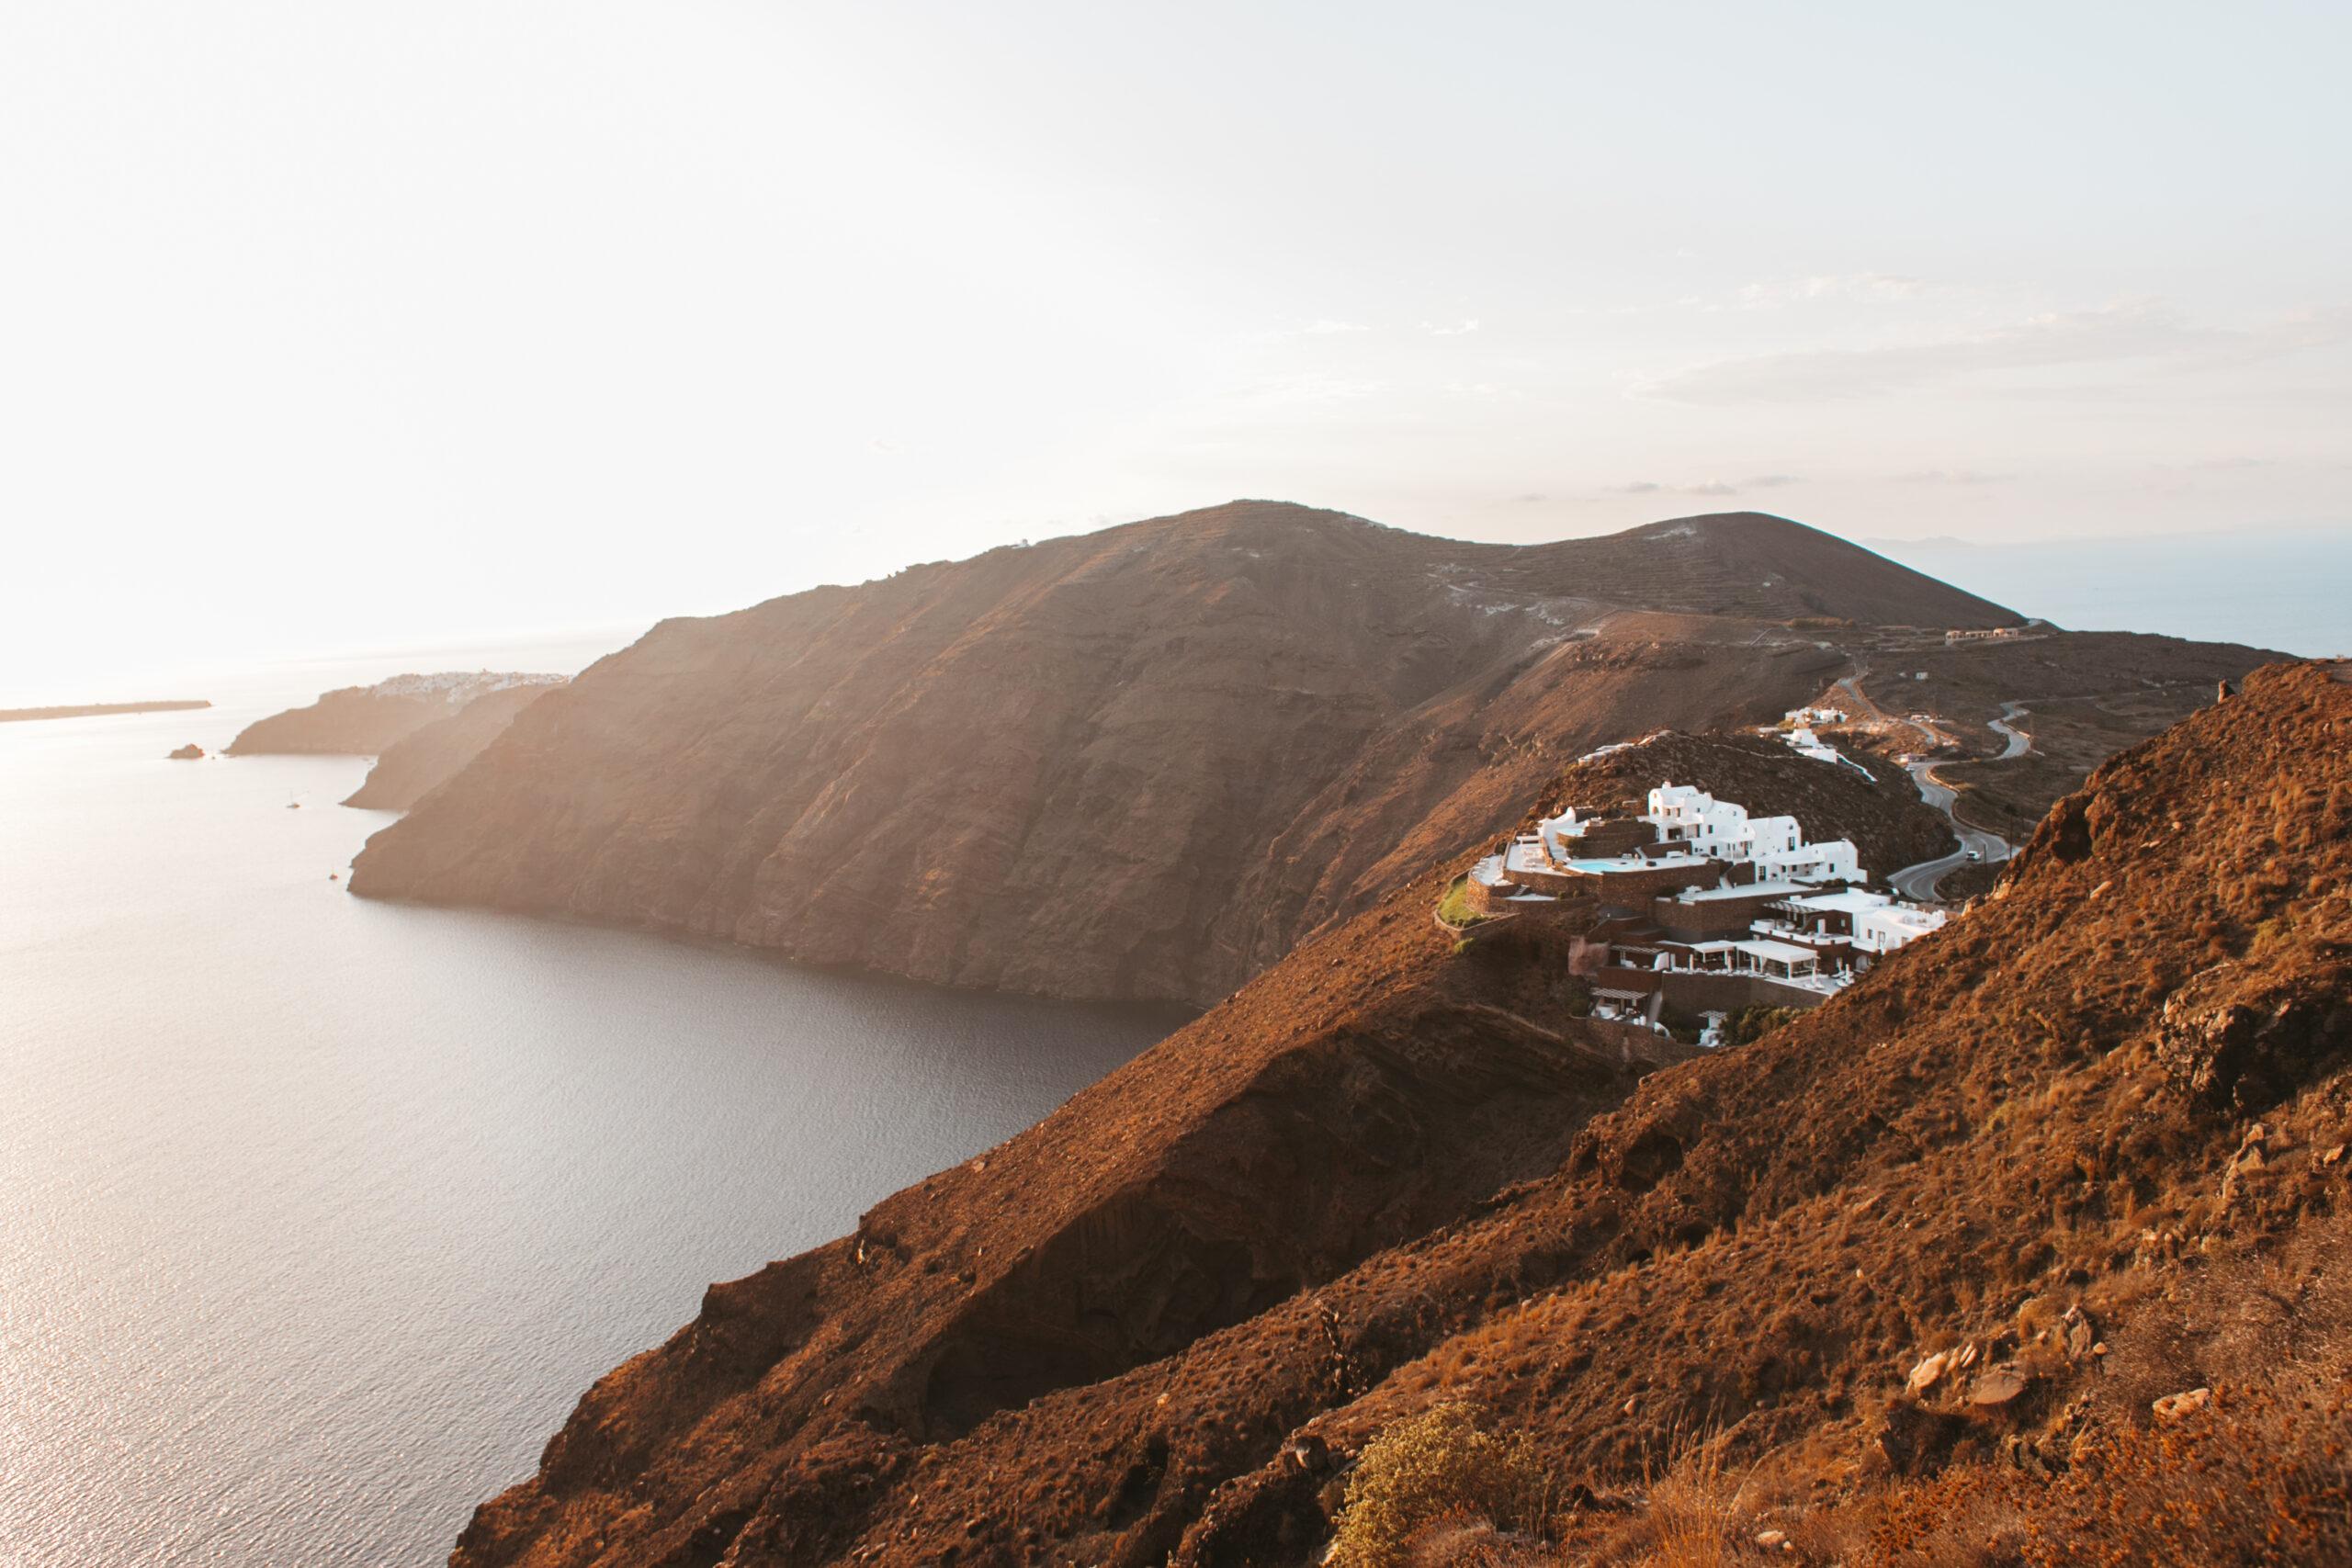 Caldera view, kaldera Santorini, trekking, hiking, Fira, Oia, Imerovigli, Thira